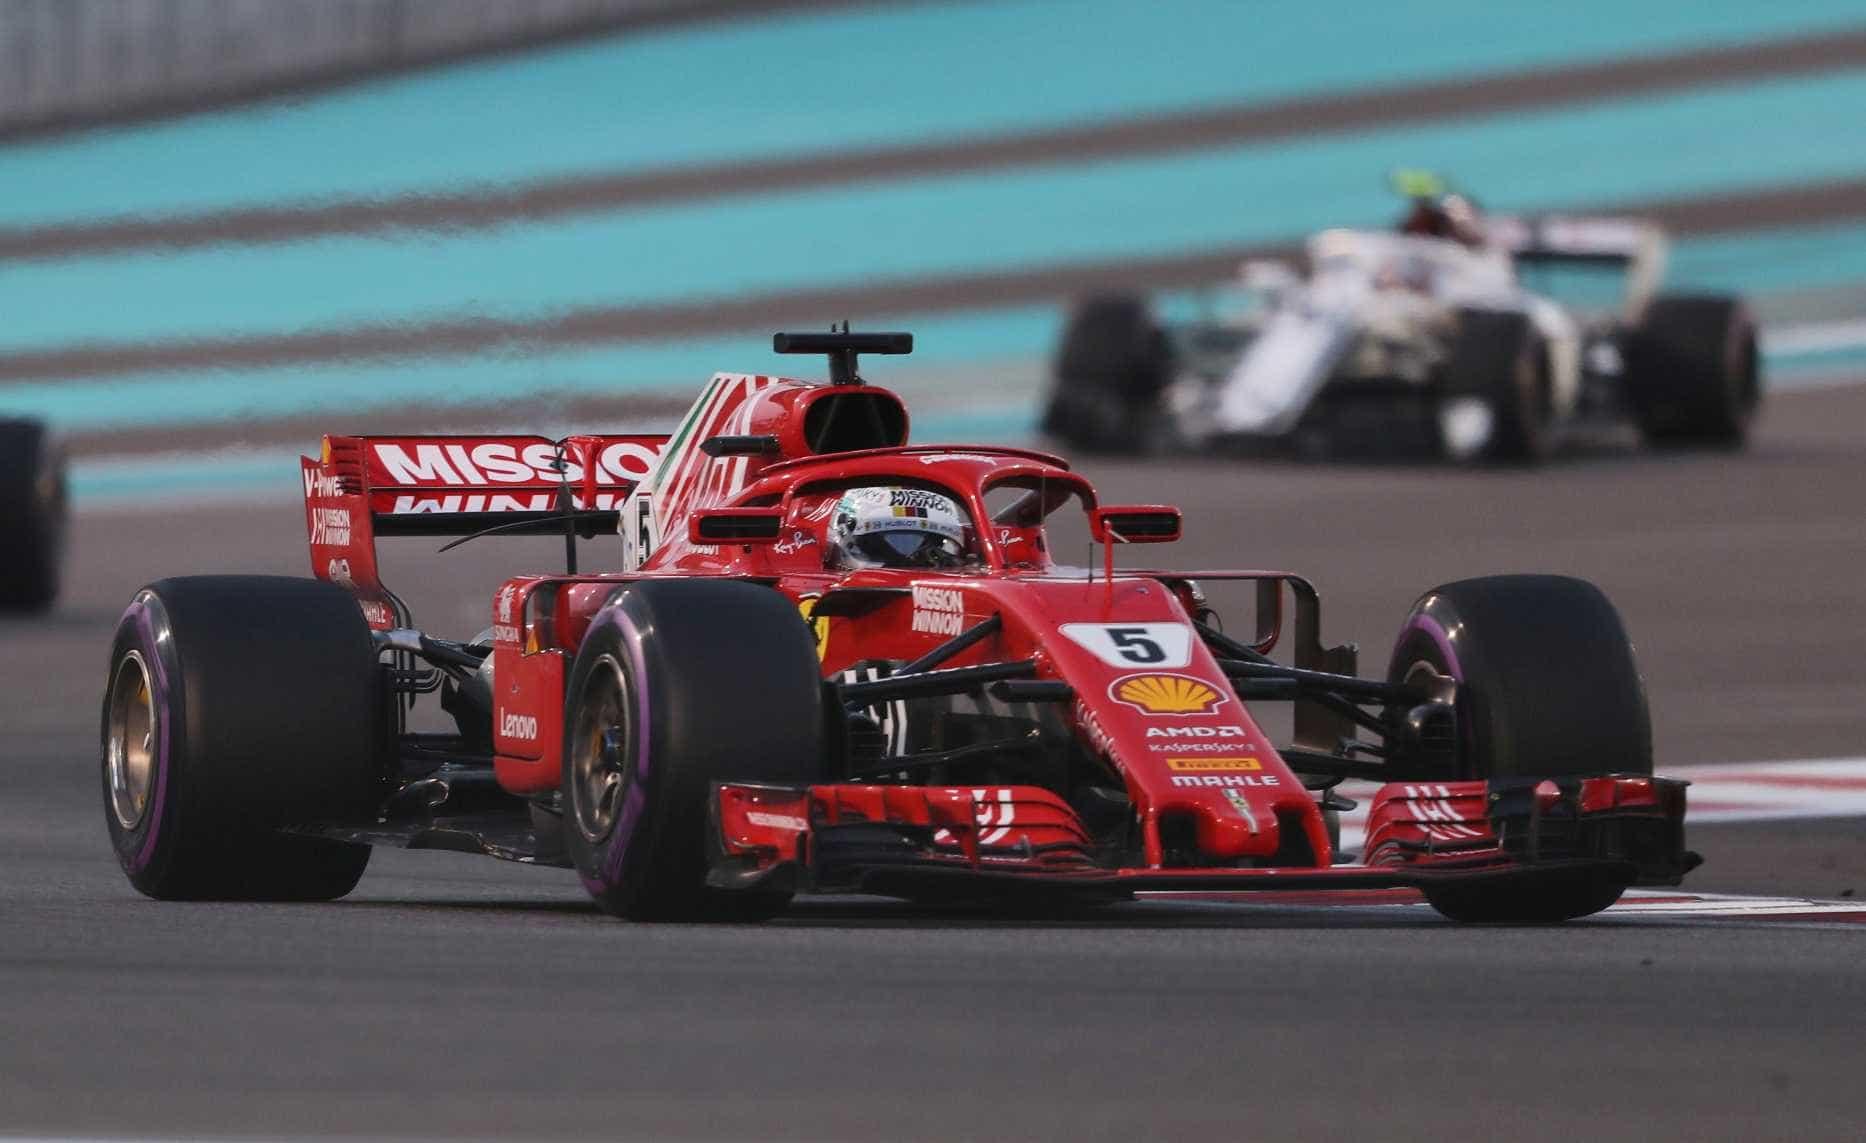 Ferrari promove mudança diretiva para acabar com jejum de 11 anos